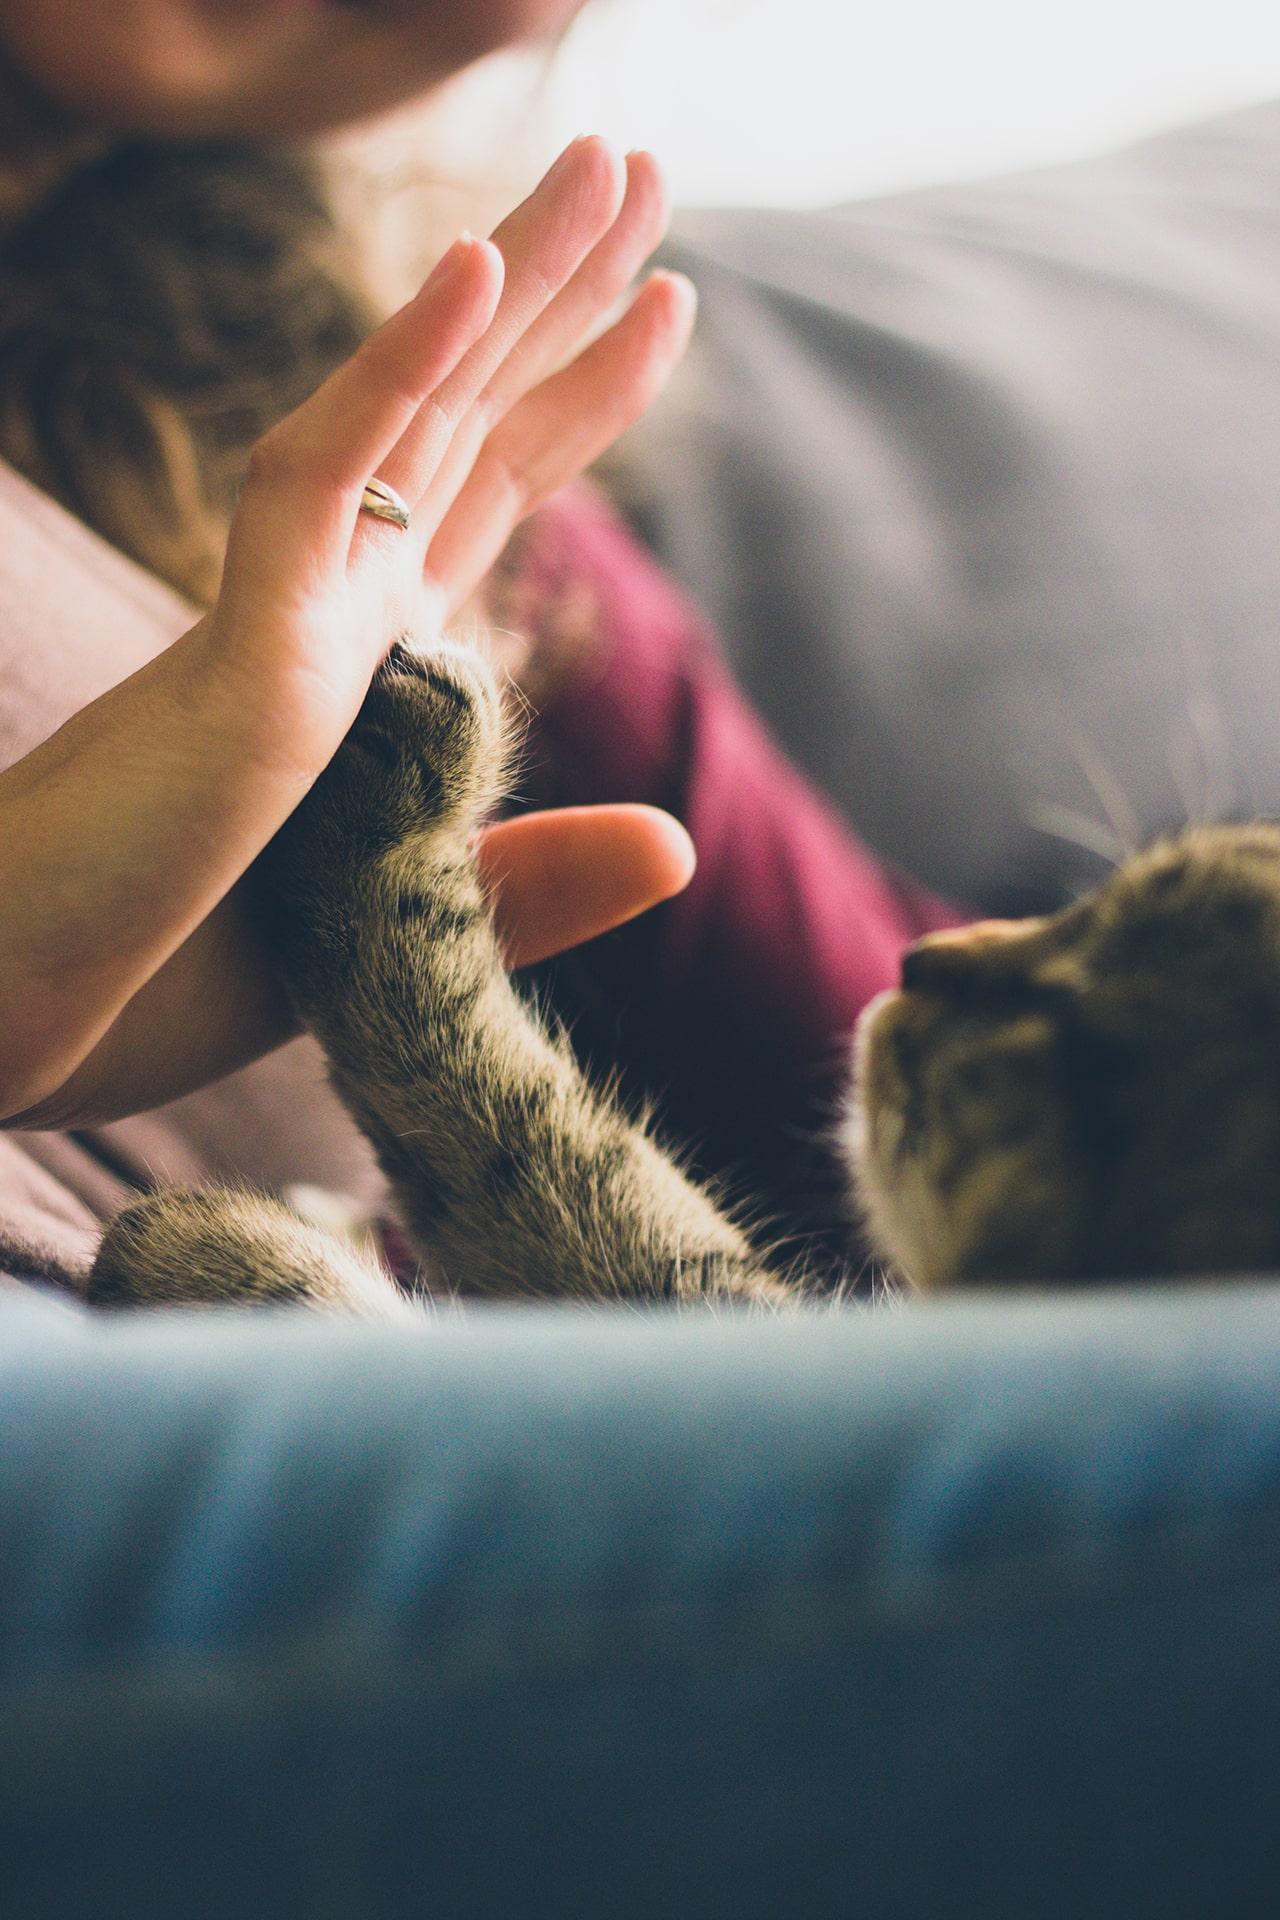 Blog Développement Personnel - Une rencontre évidente avec un animal - Suivre sa Joie - Saskia Parein